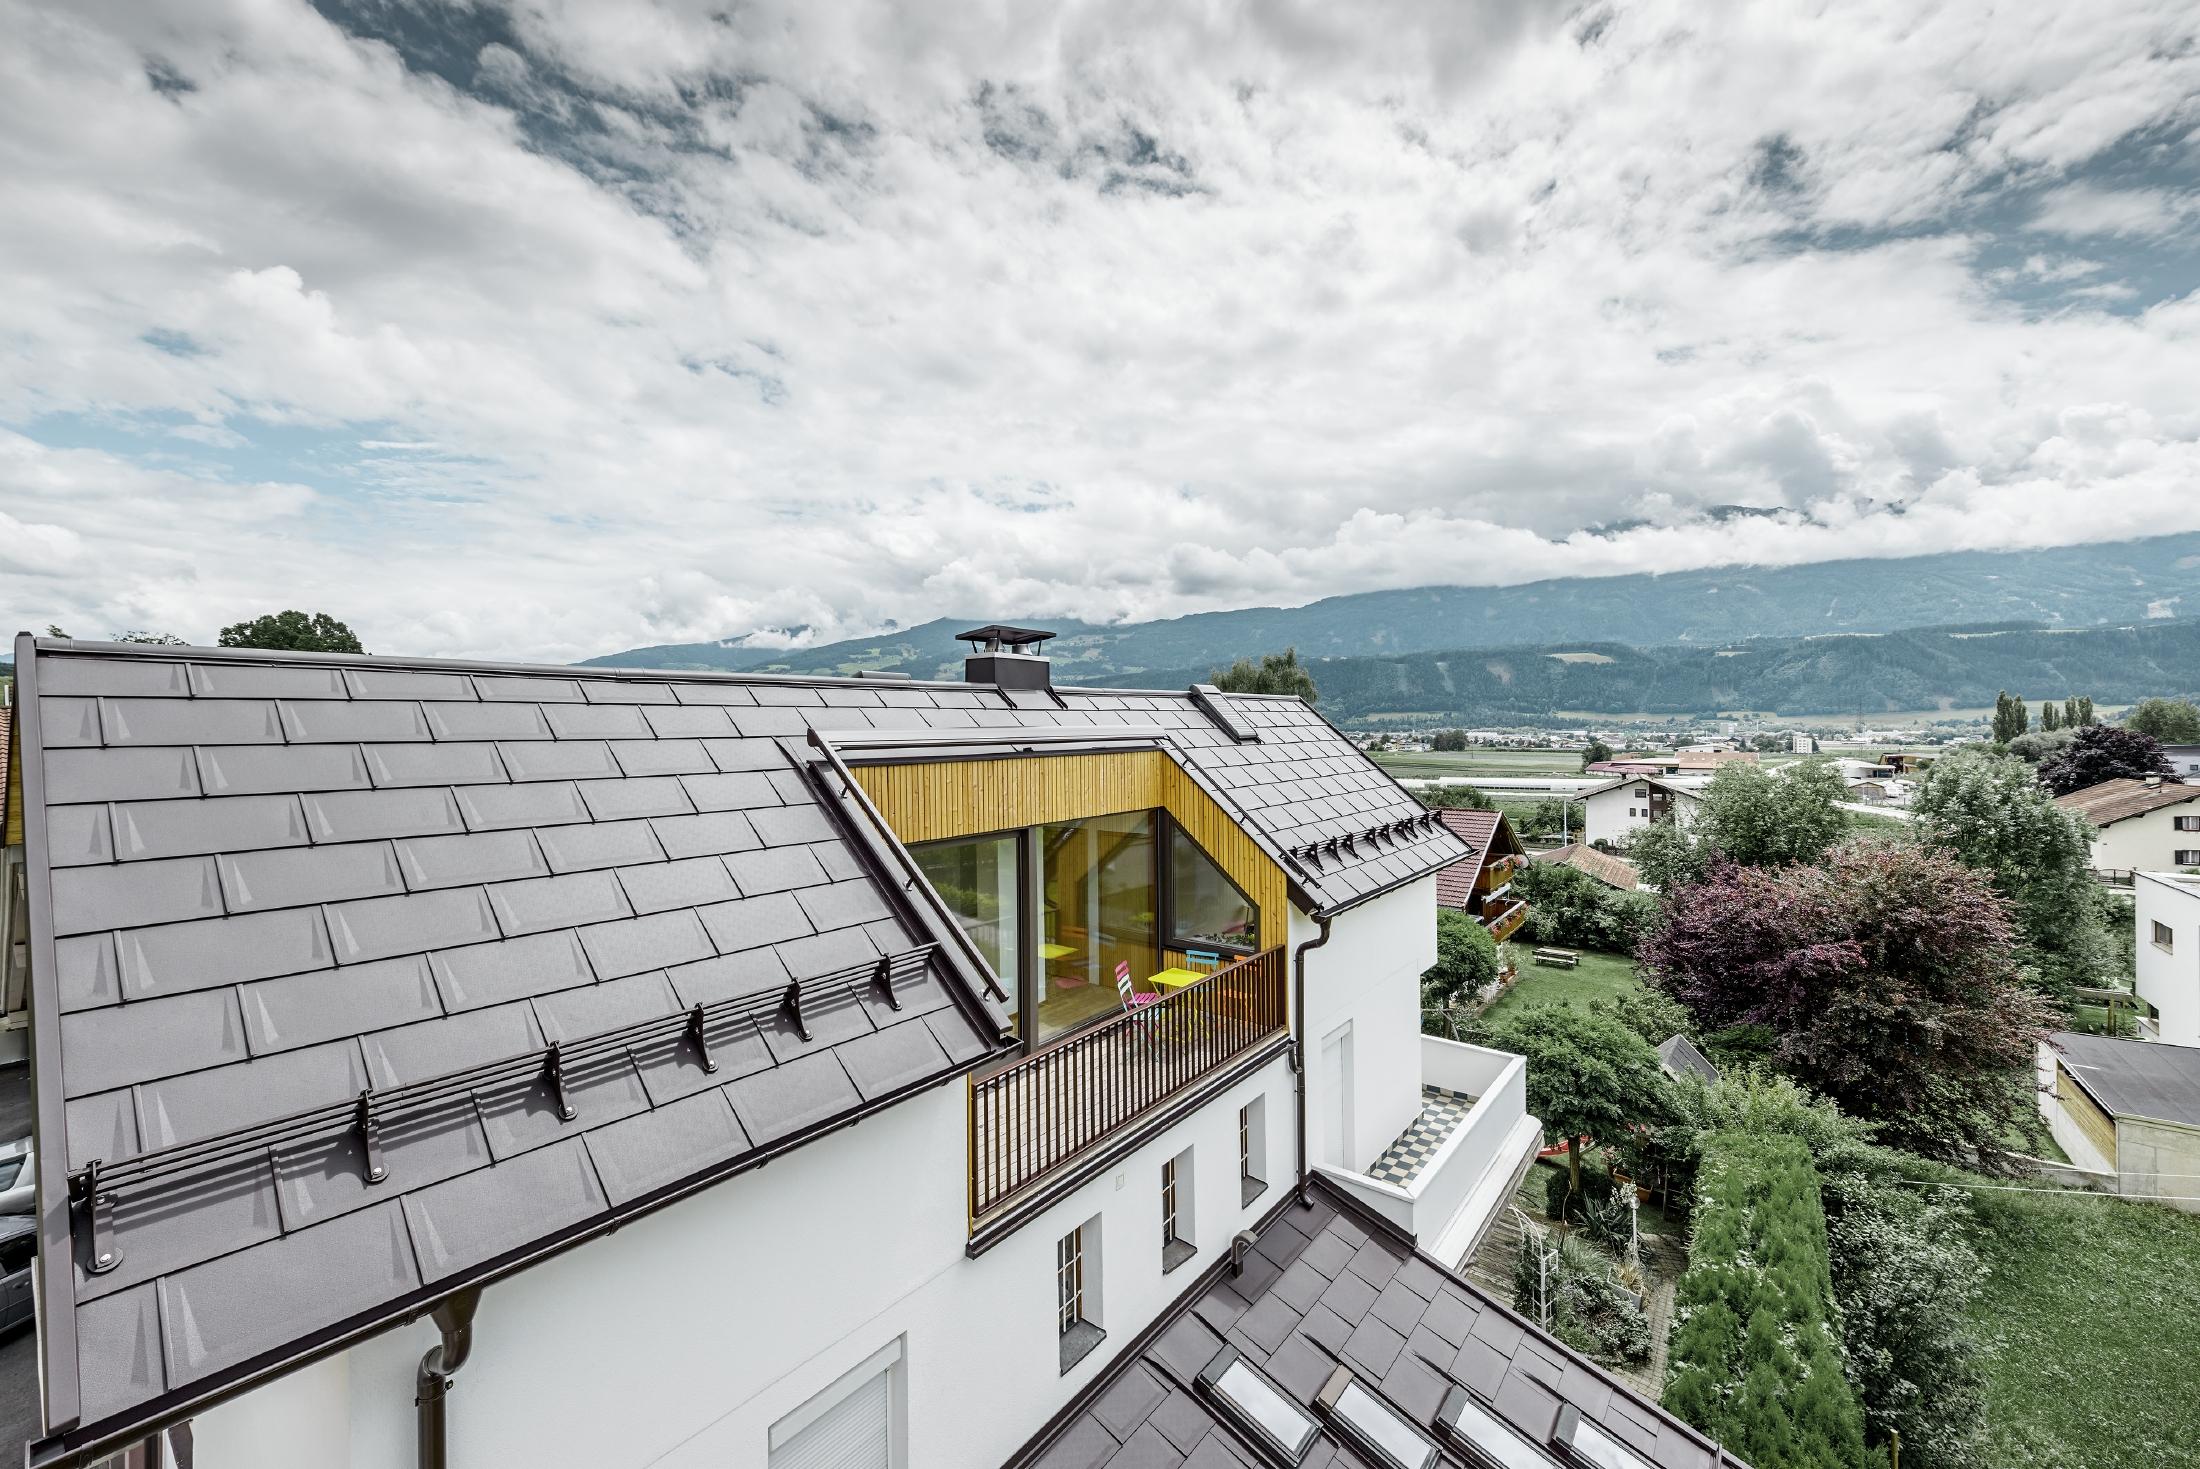 Außergewöhnliche Günstiges Dach WL23